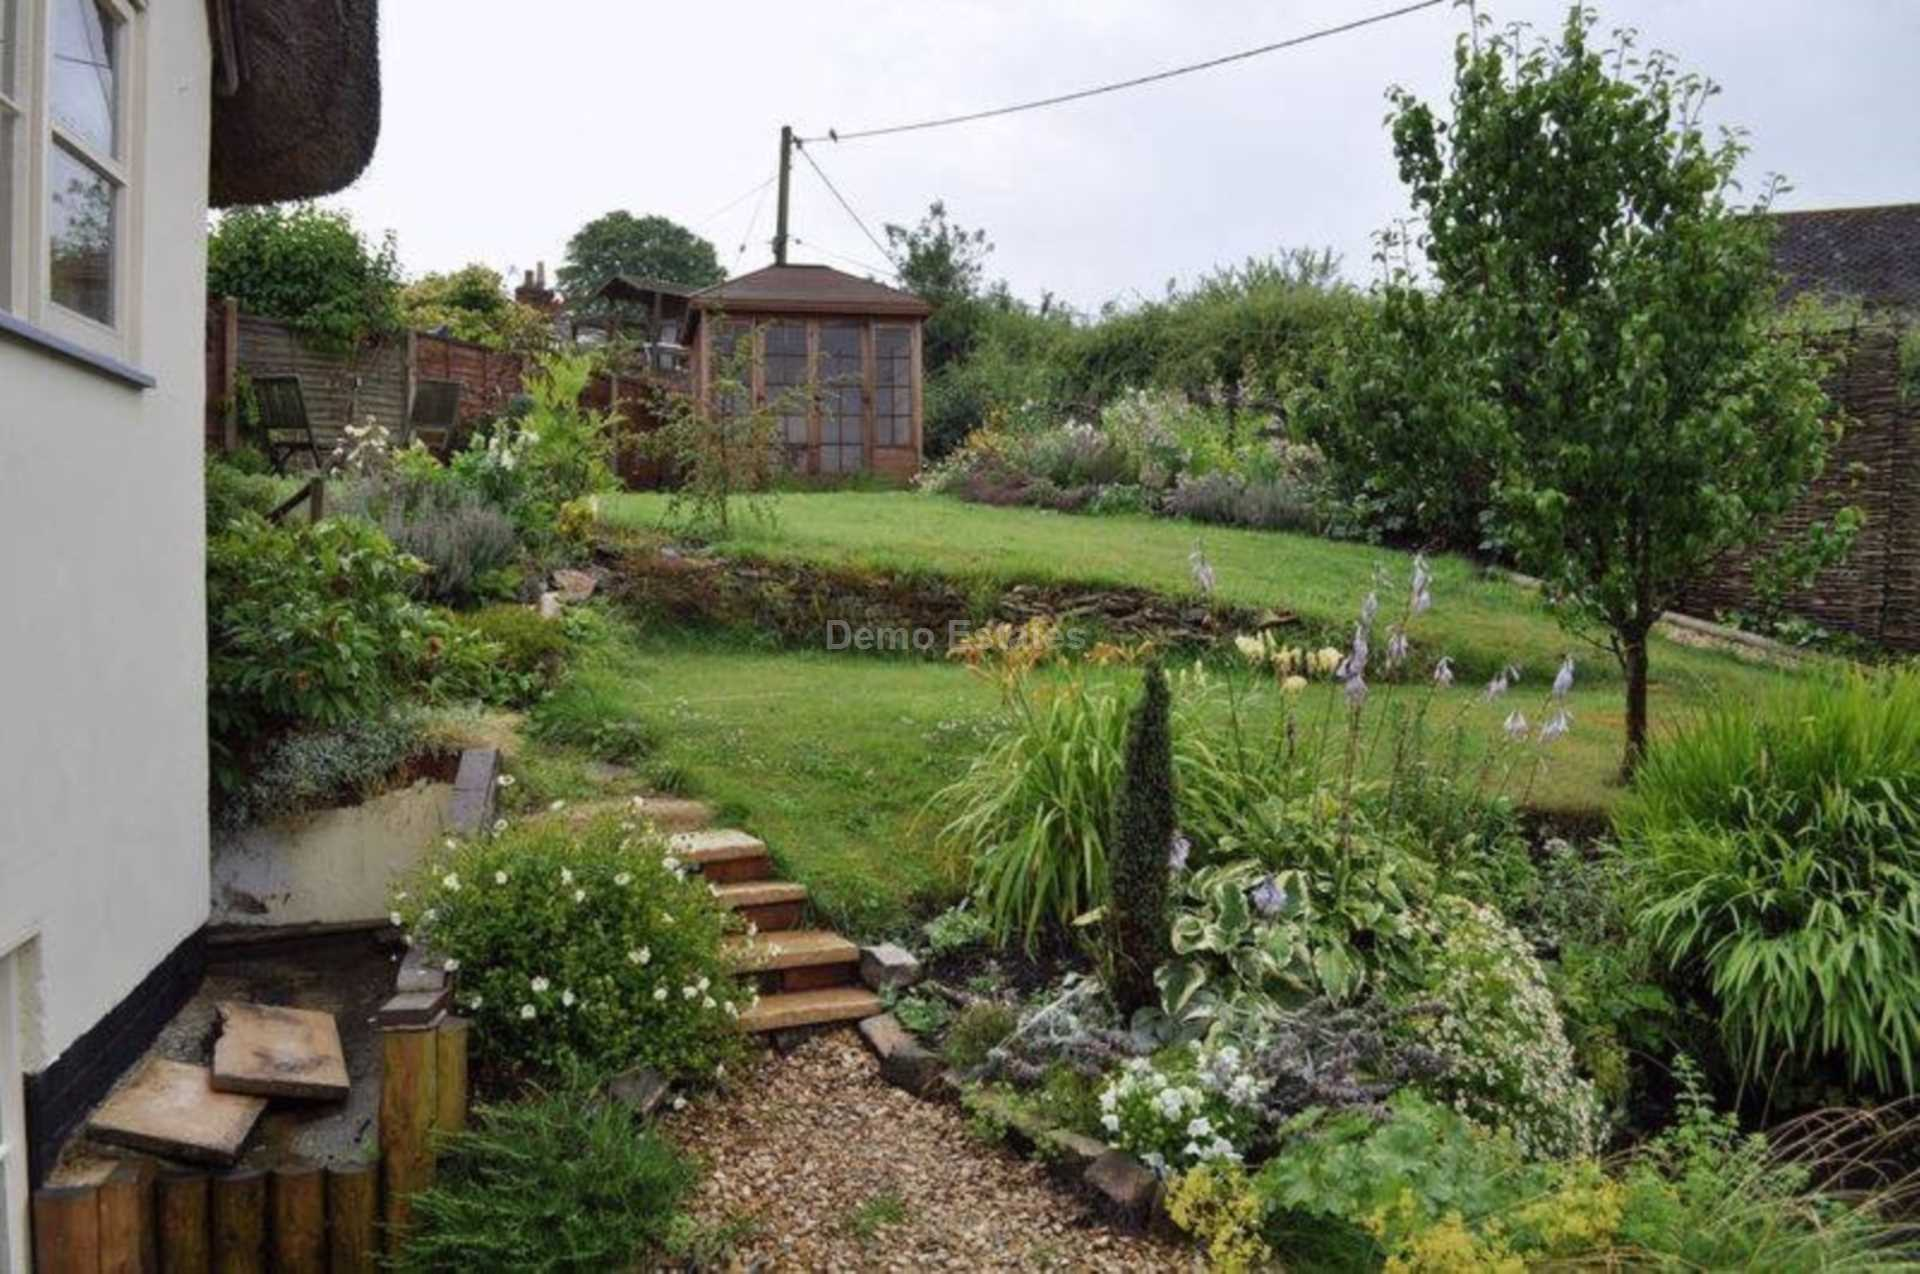 Benson Lane, Crowmarsh, Wallingford, Image 4